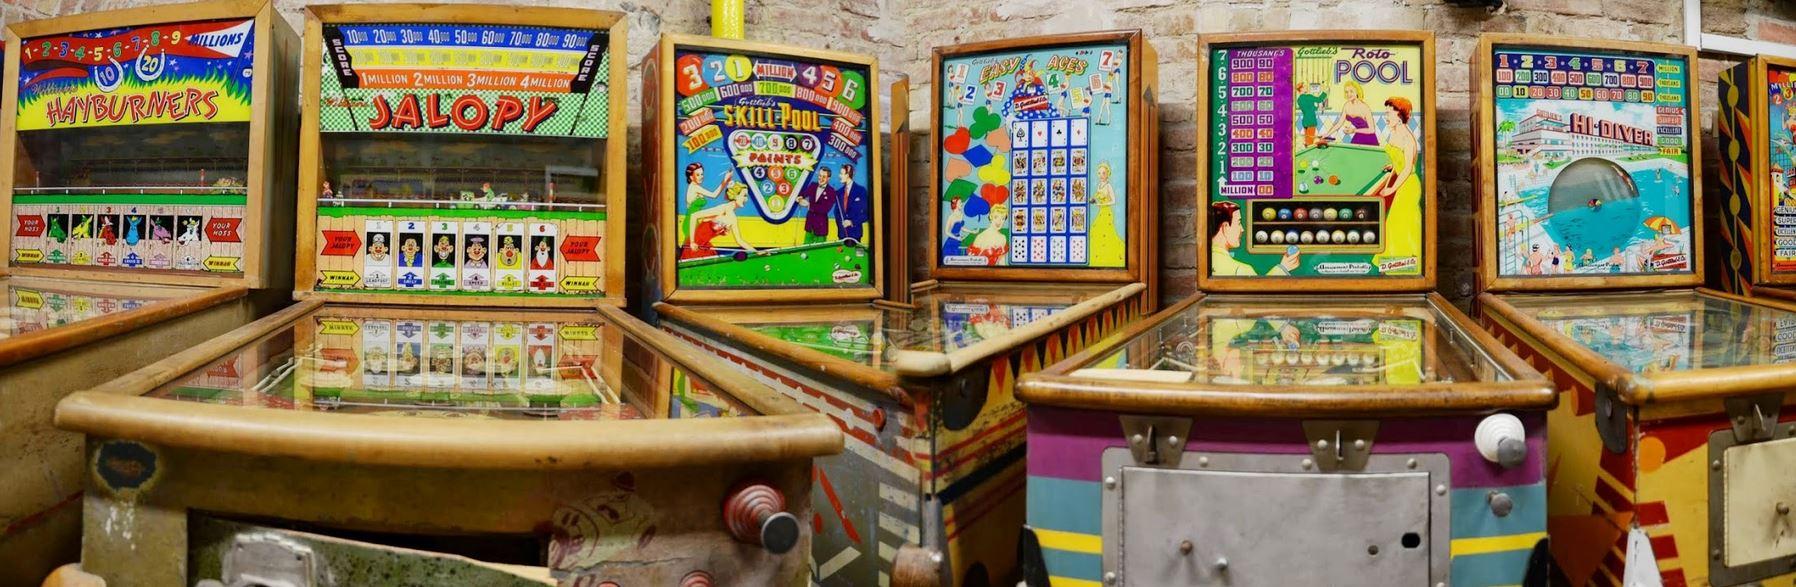 Pinball machines at budapest Pinball Museum